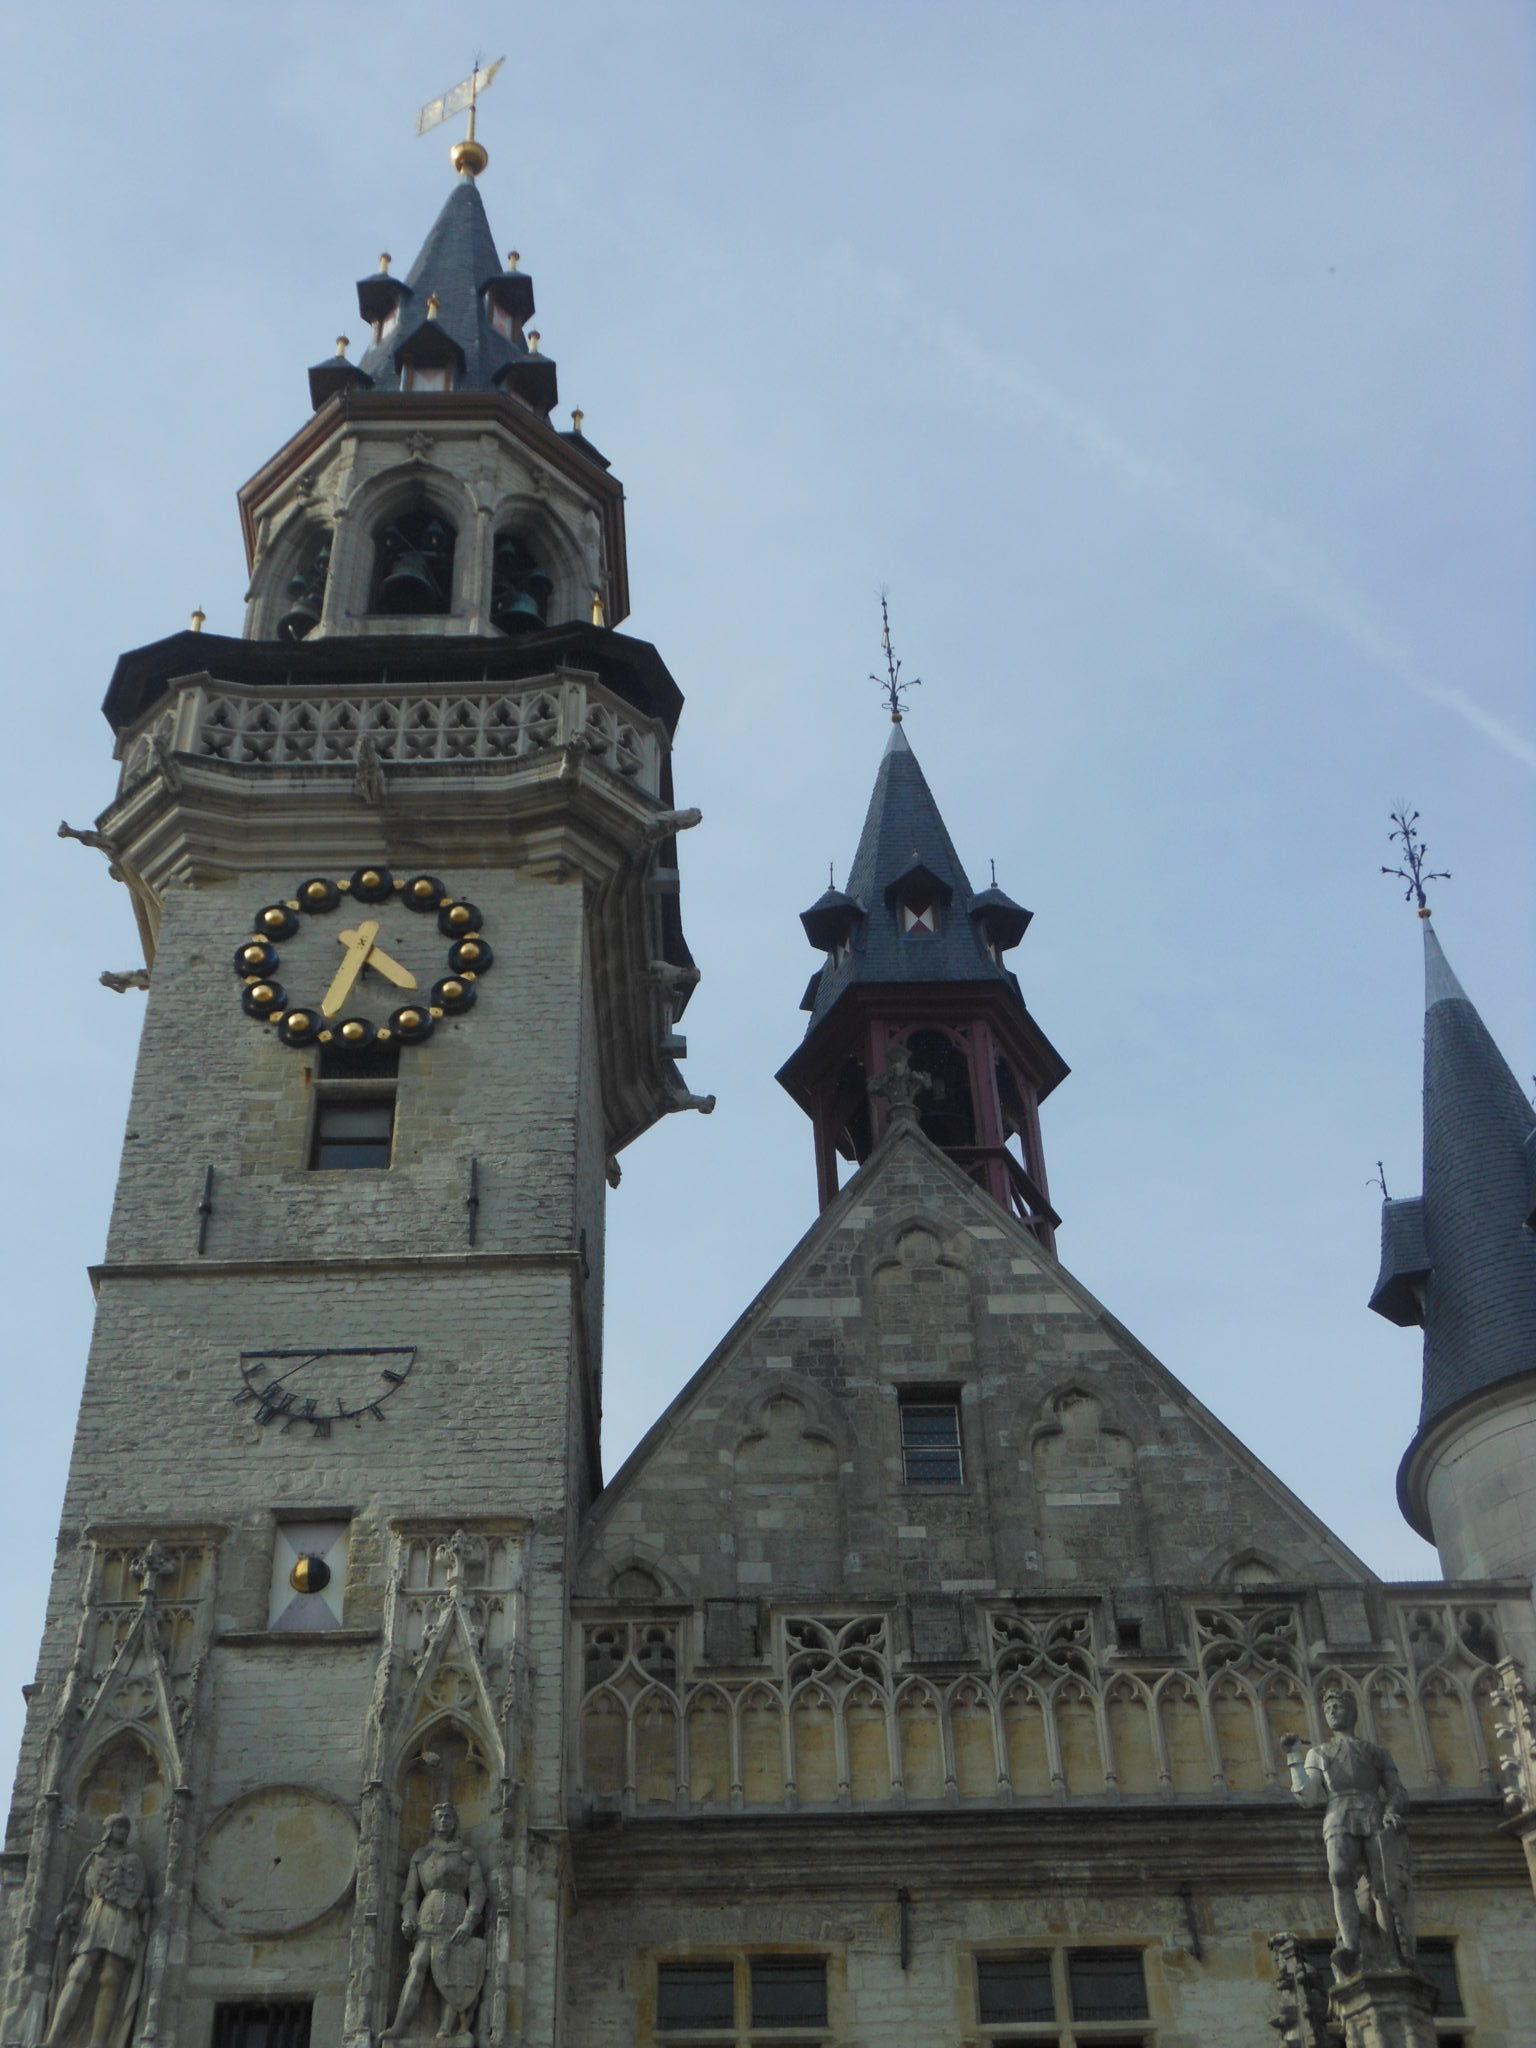 Dzwonnica w Aalst - wizytówka miasta